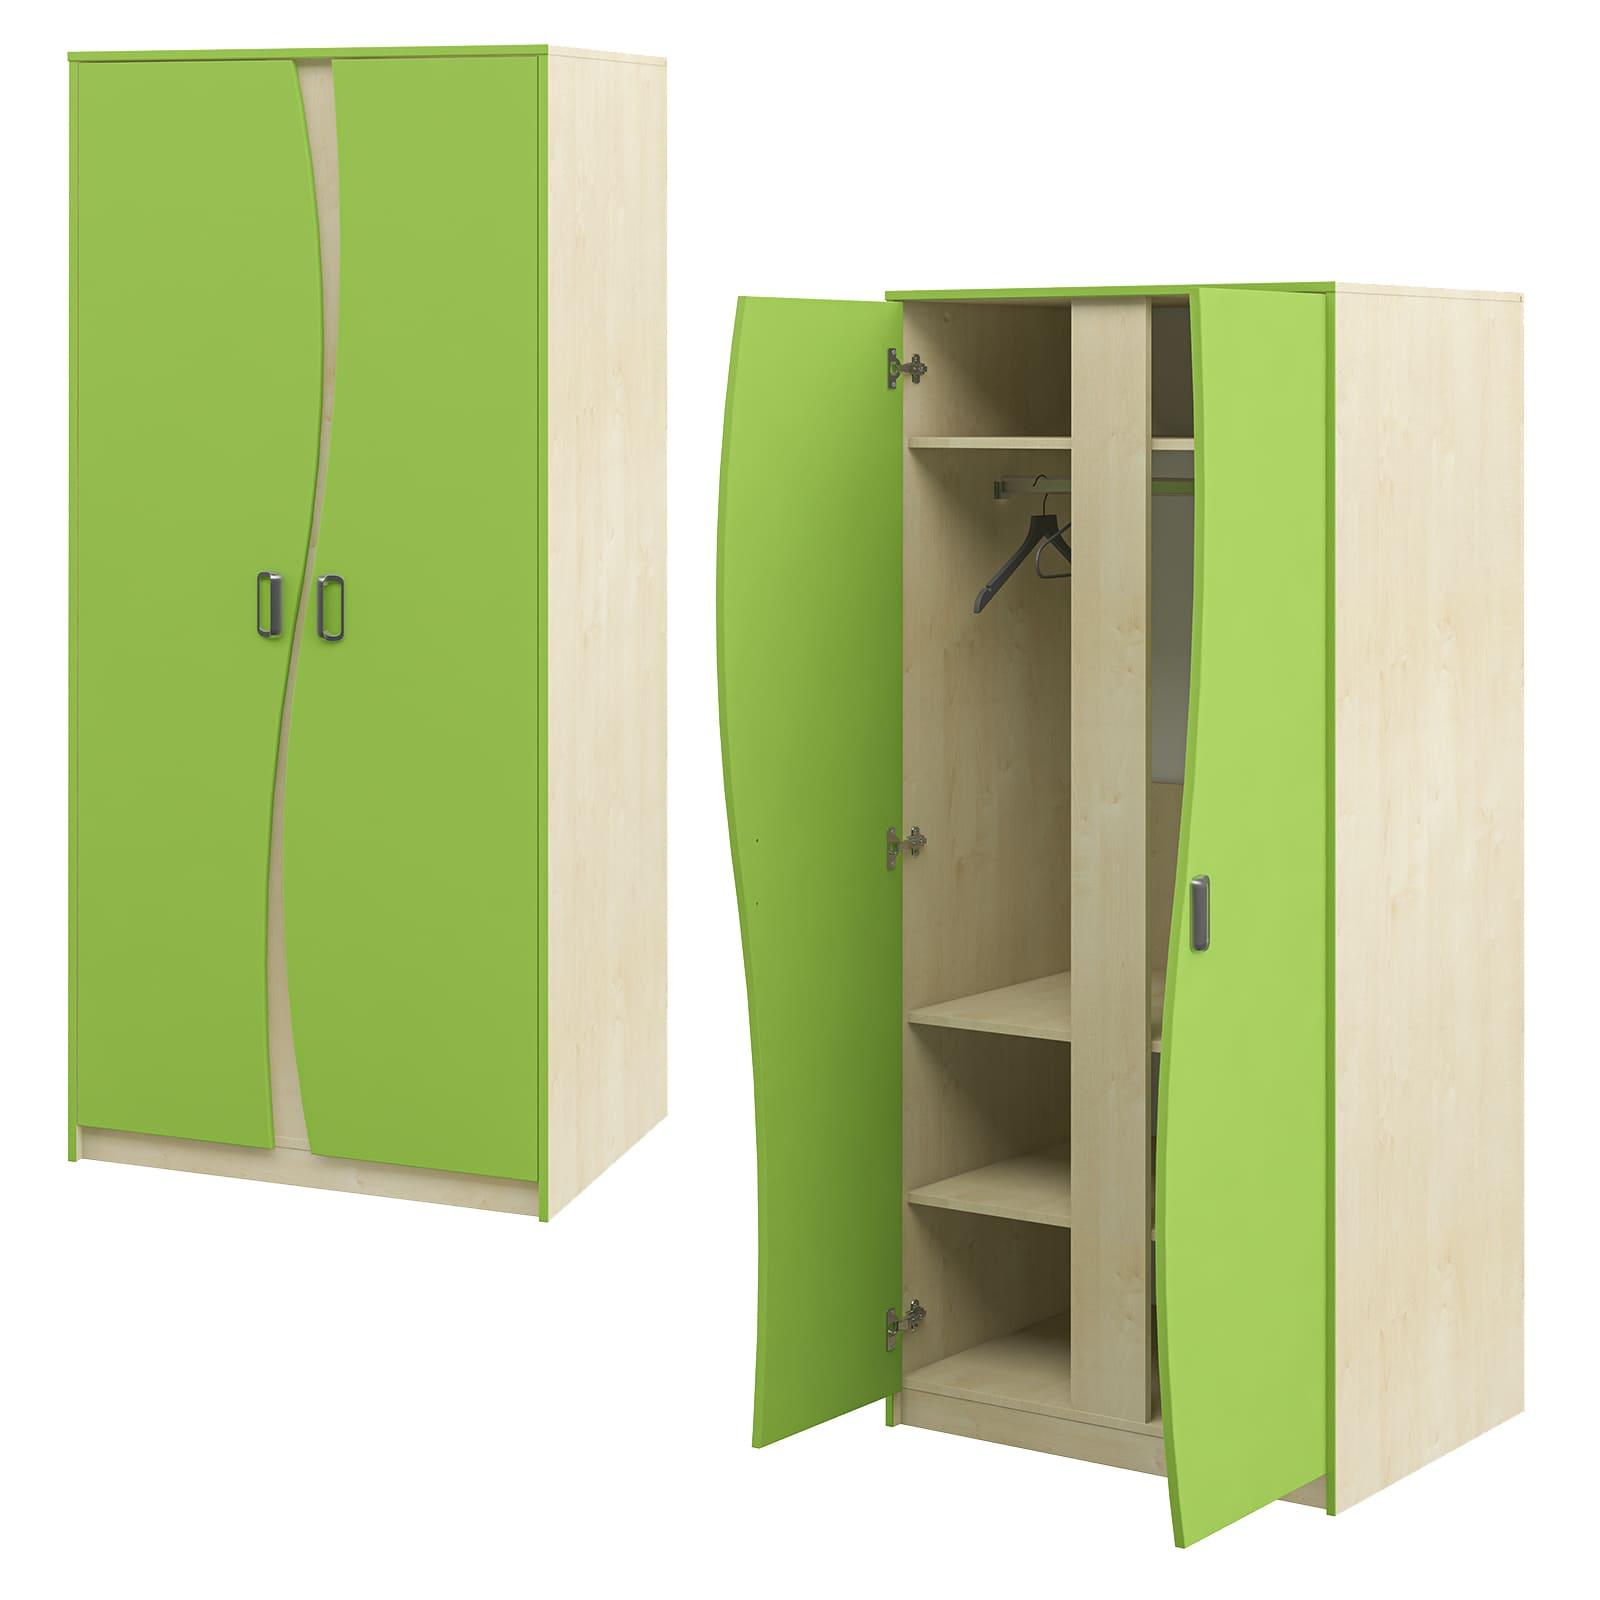 2-türiger Kleiderschrank Kinderzimmerschrank Grün kinderzimmermöbel